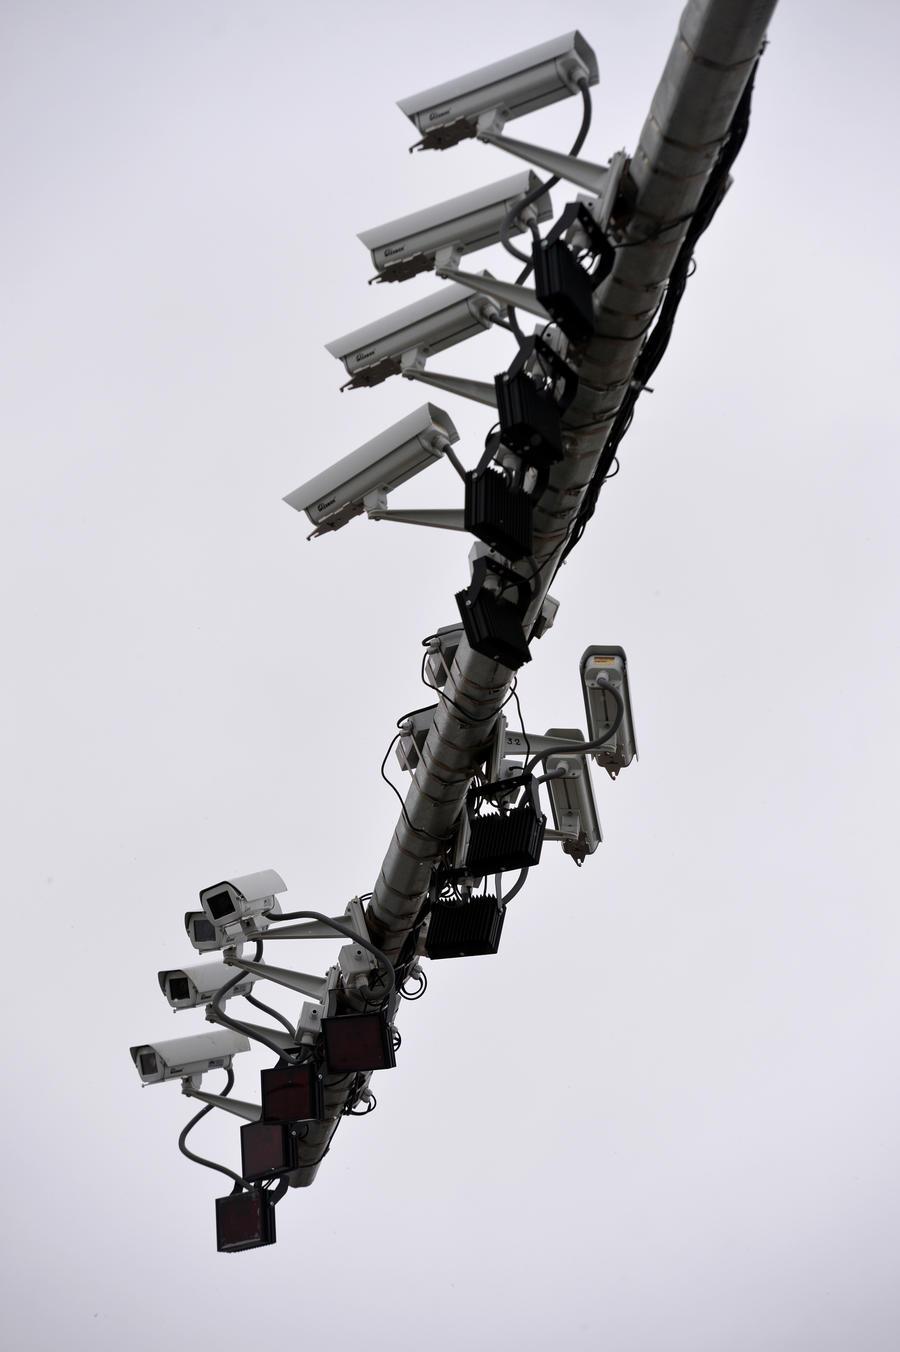 Дорожные камеры в Великобритании угрожают частной жизни больше, чем прослушка